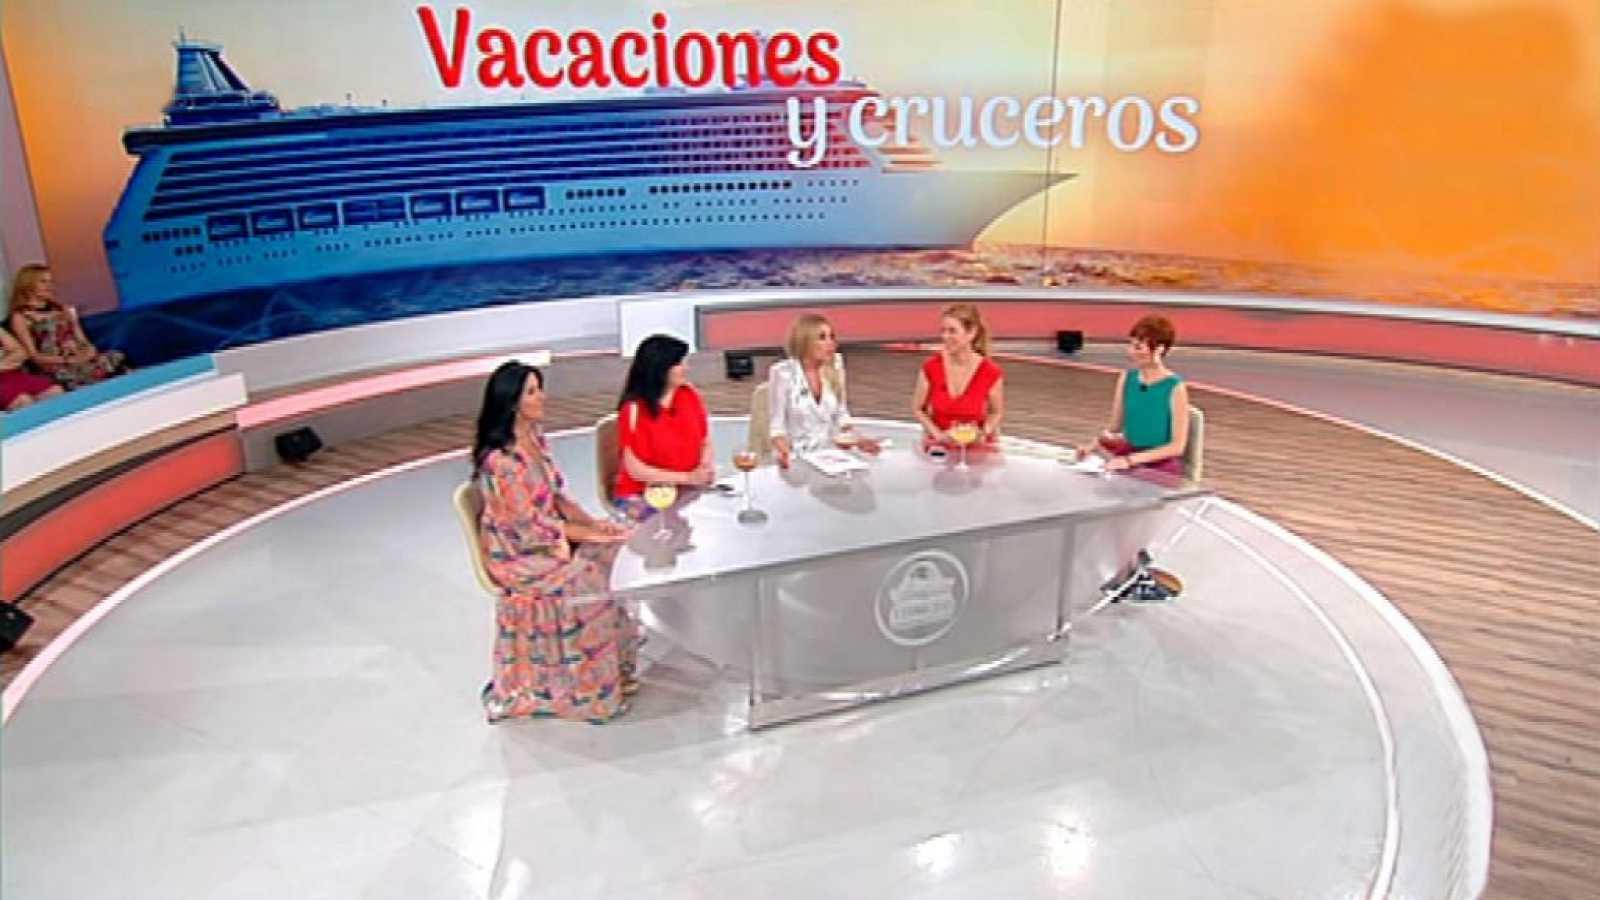 Amigas y conocidas - 07/08/18 - ver ahora